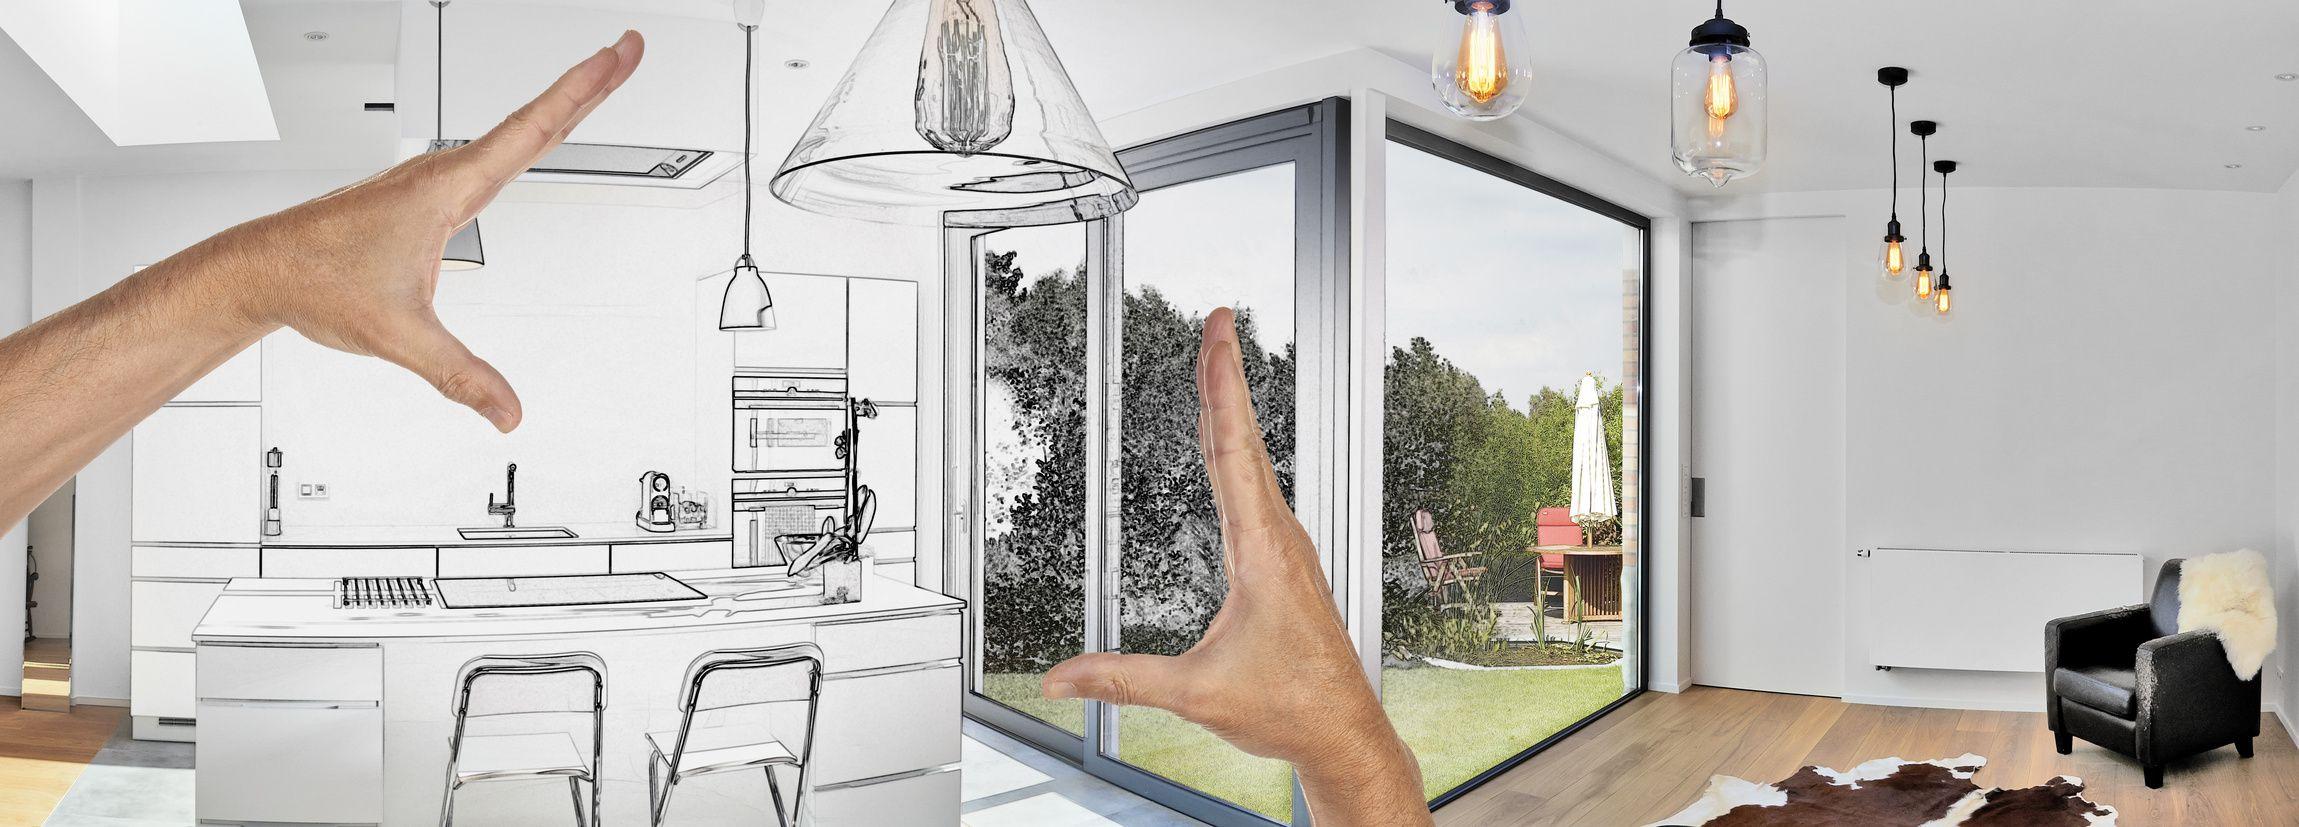 Art Diy Kuche Kitchen Kuchenruckwand Glas Sicherheitsglas